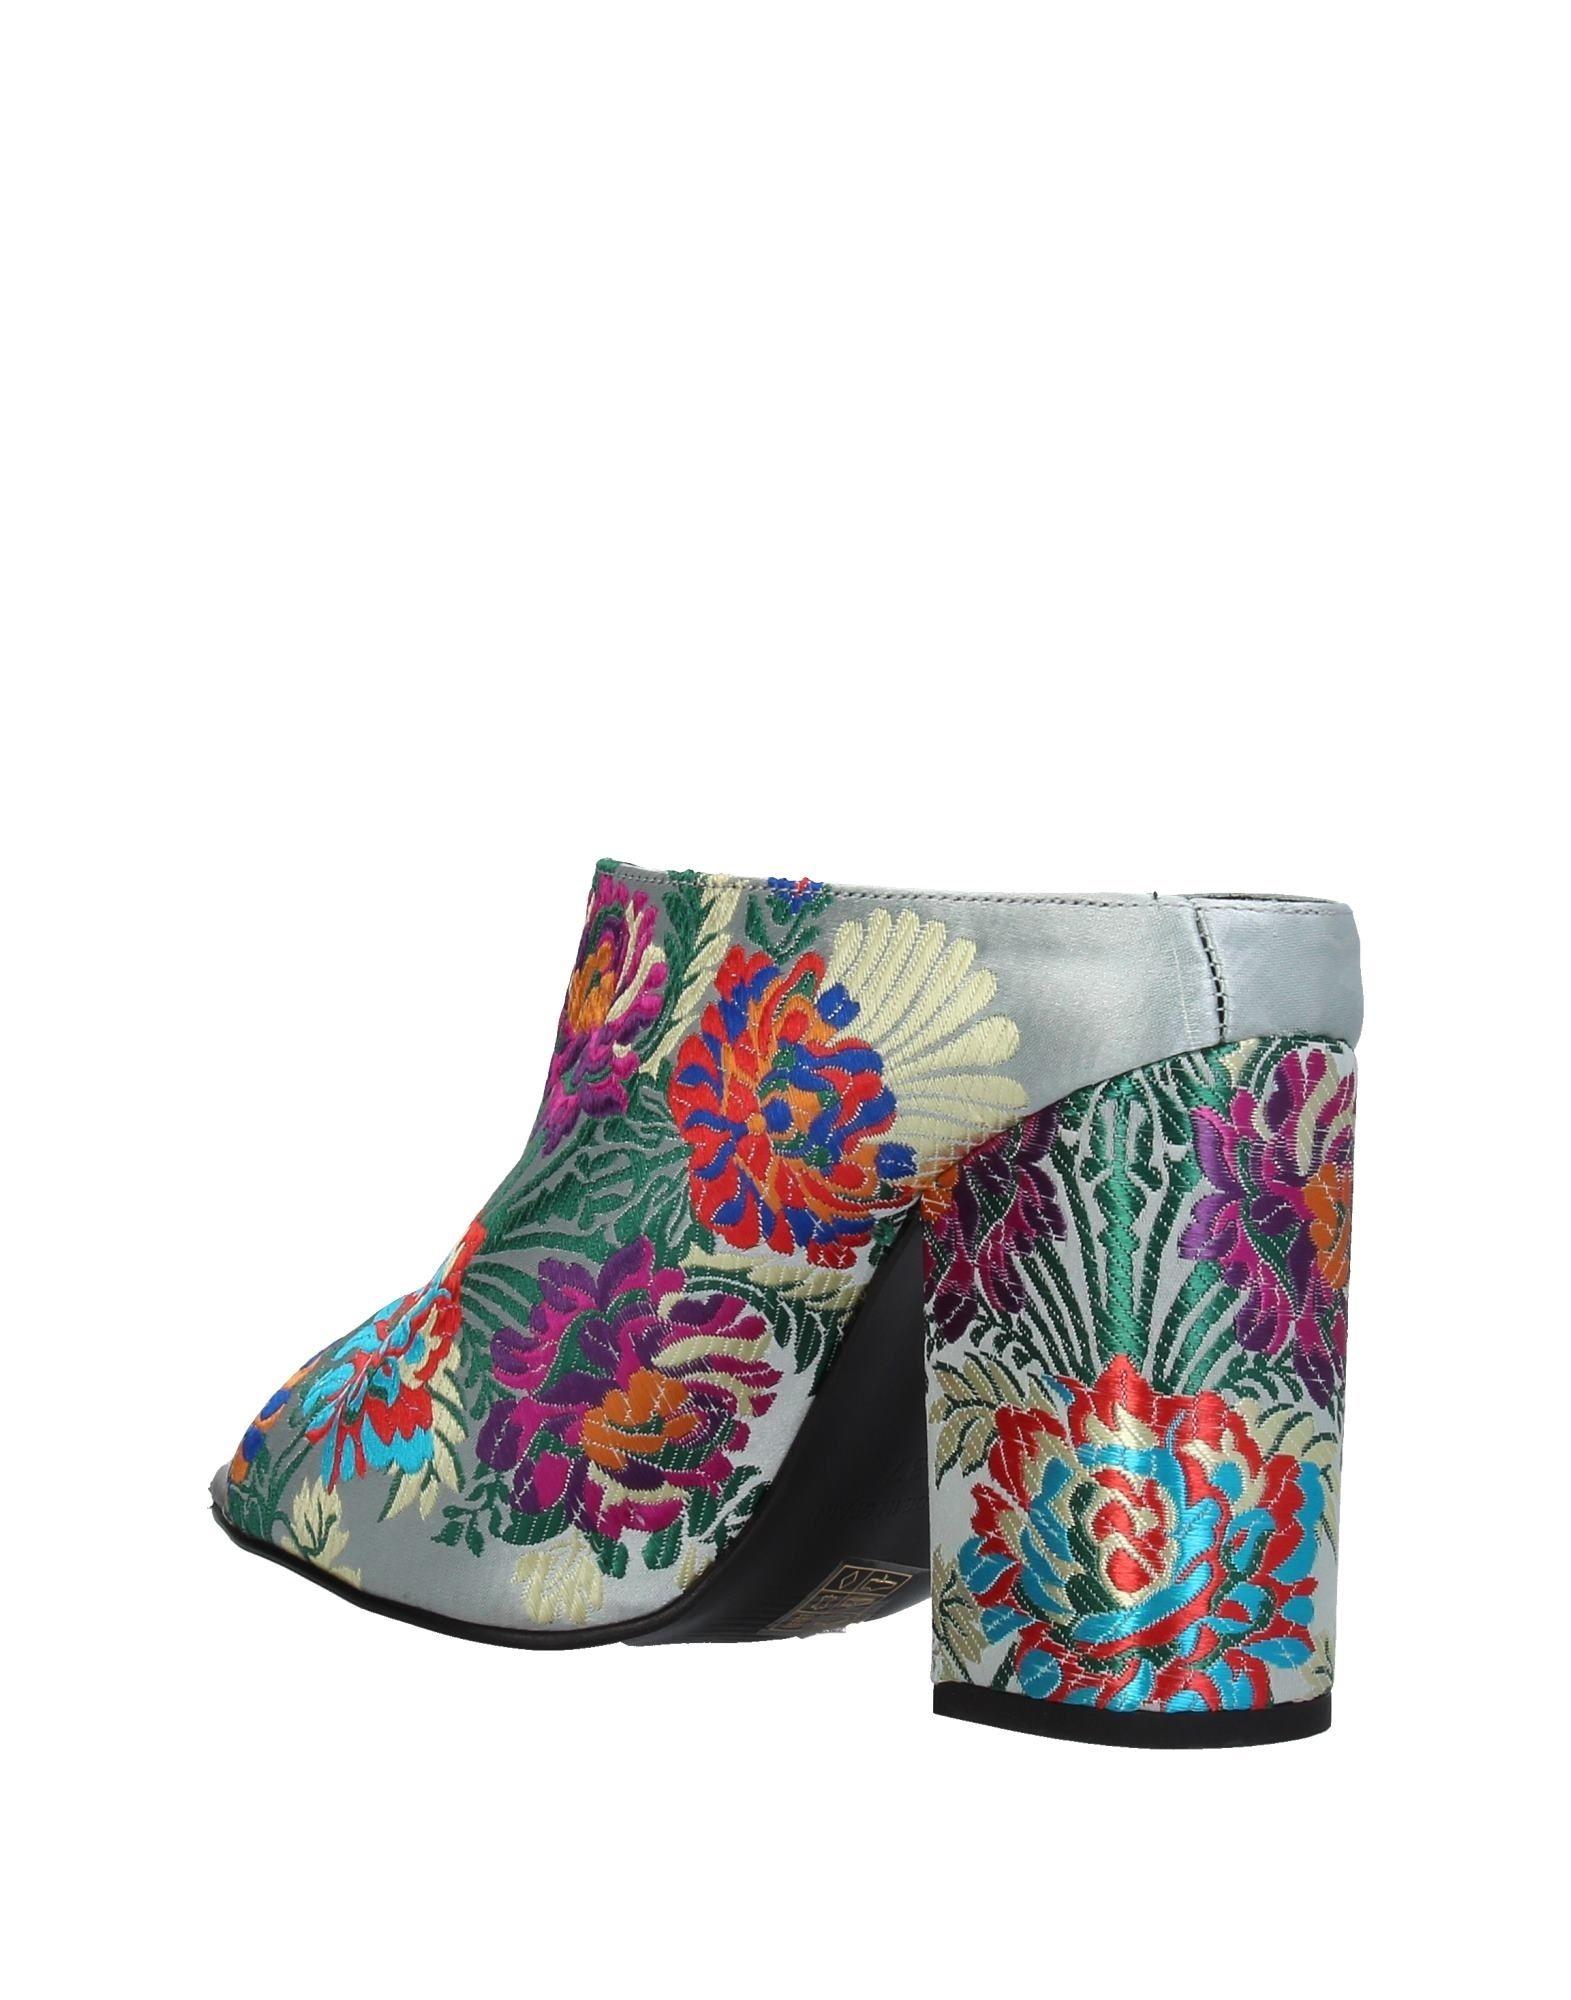 Sandales Chio Femme - Sandales Chio sur